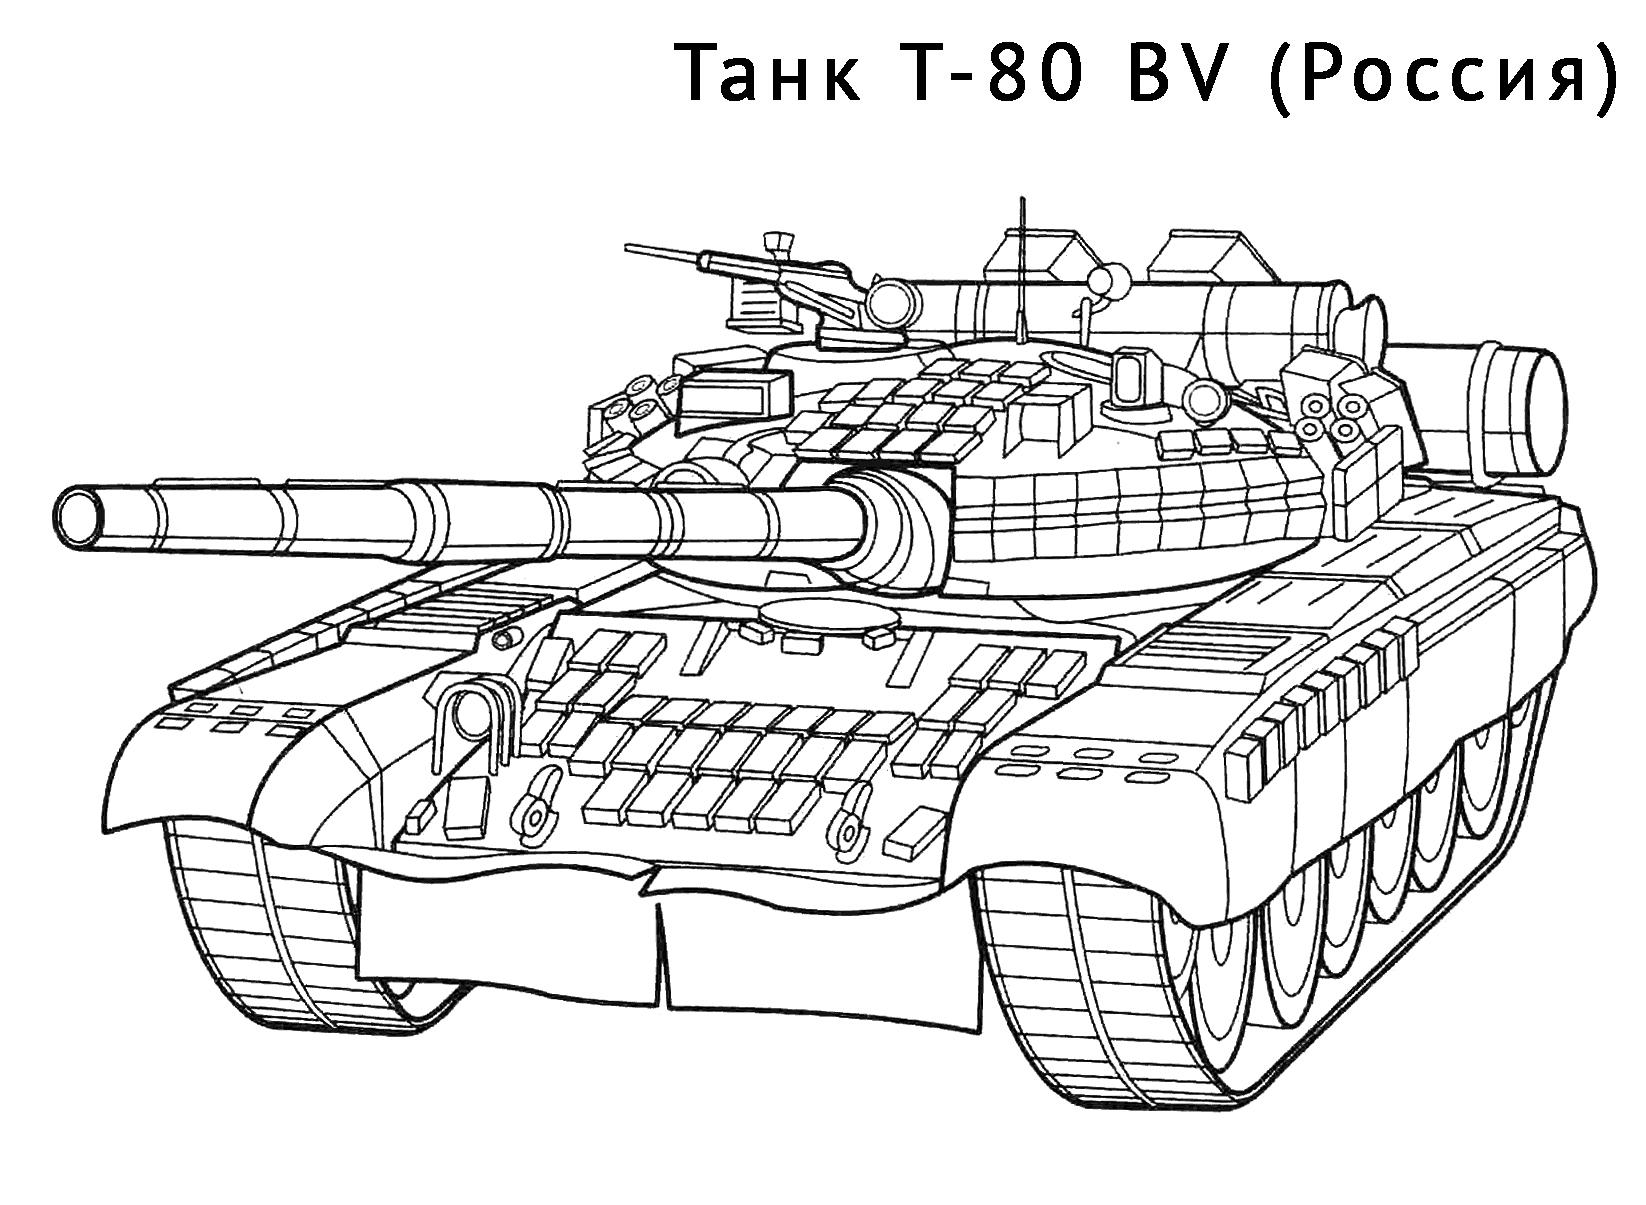 раскраска танк т 80 Bv распечатать или скачать бесплатно